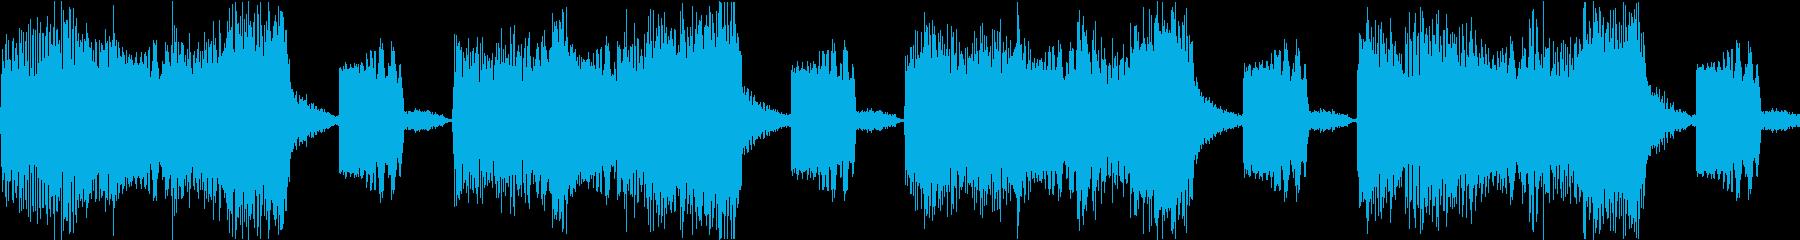 サイレン siren 警報 アラート 9の再生済みの波形